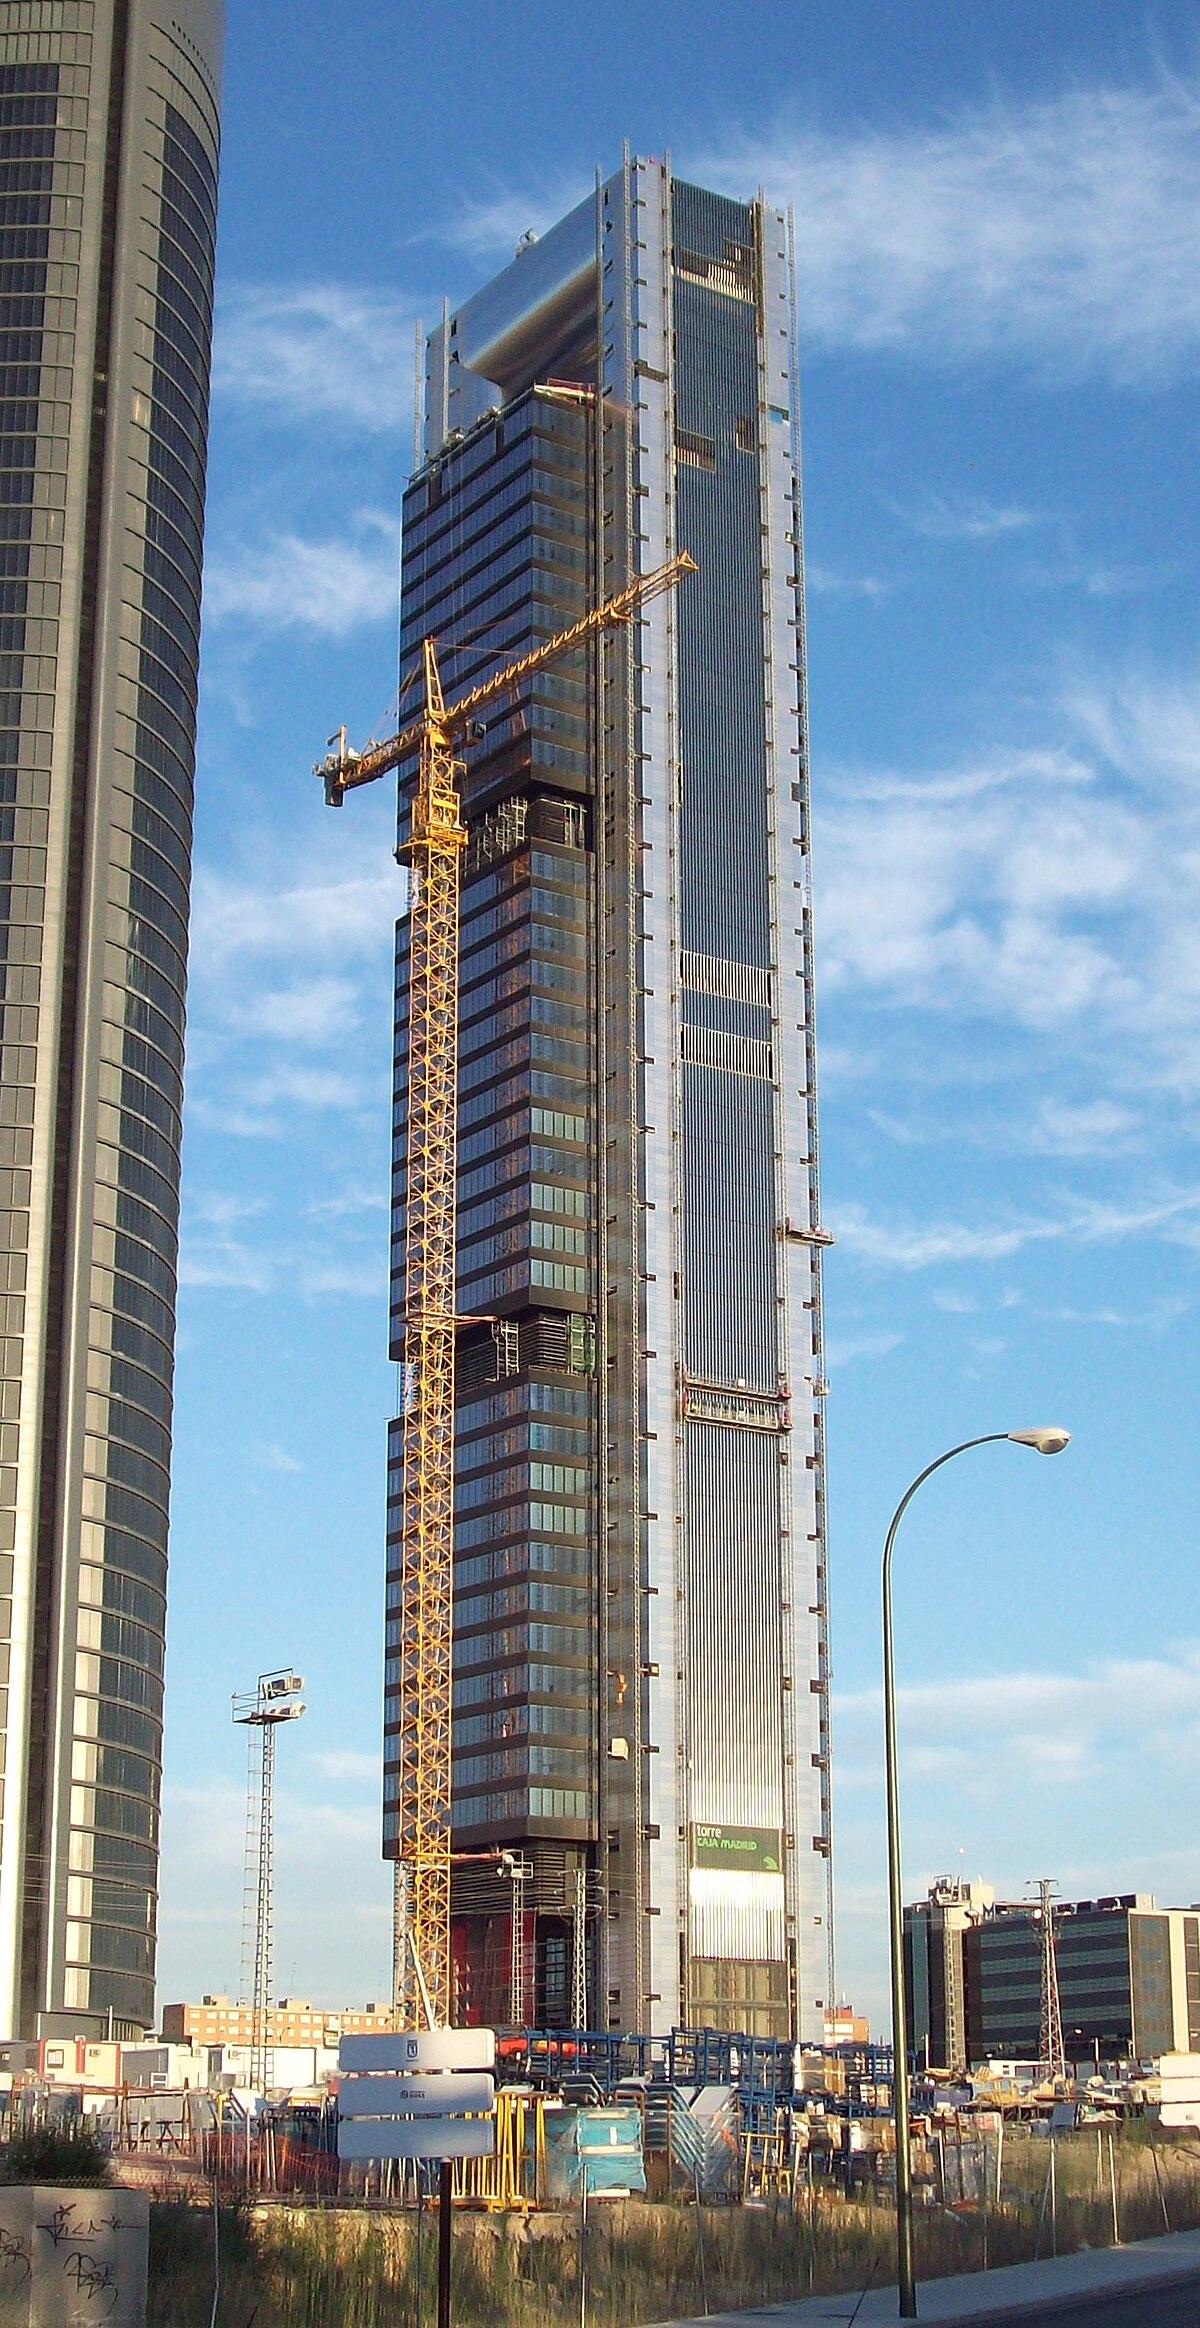 Torre caja madrid wikipedia bahasa indonesia - Caja de arquitectos madrid ...